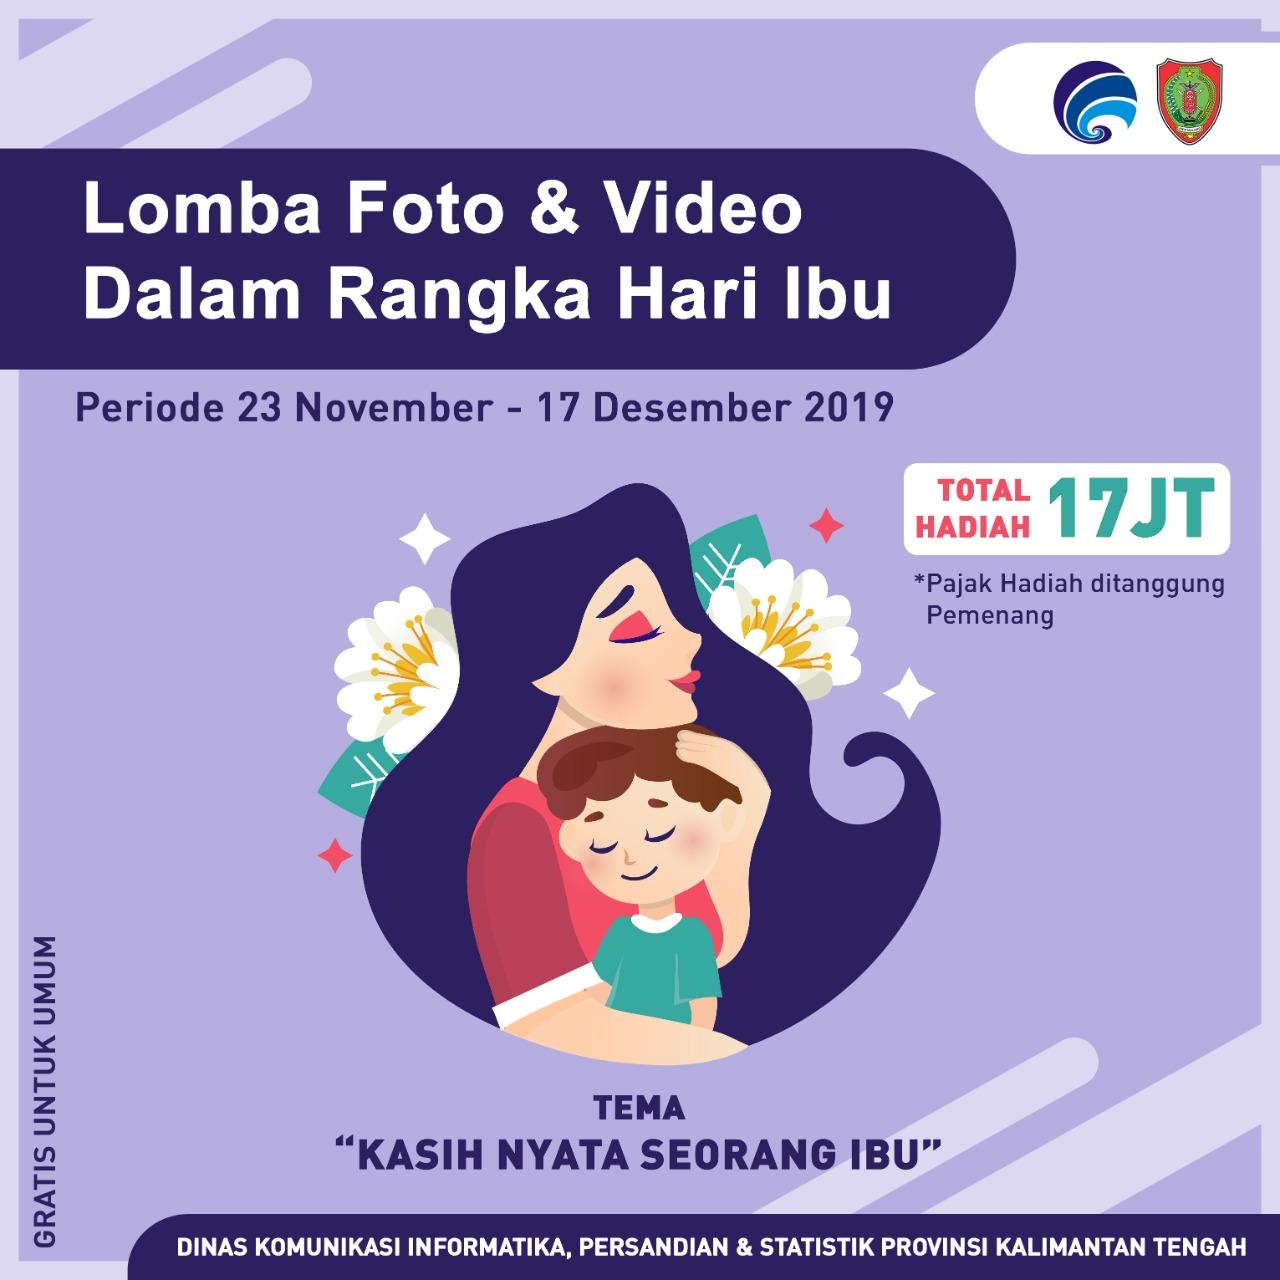 Bahasa Inggris Hari Ibu Rumah Tangga Peringati Hari Ibu Pemprov Kalteng Gelar Lomba Foto Dan Video Multimedia Center Provinsi Kalimantan Tengah